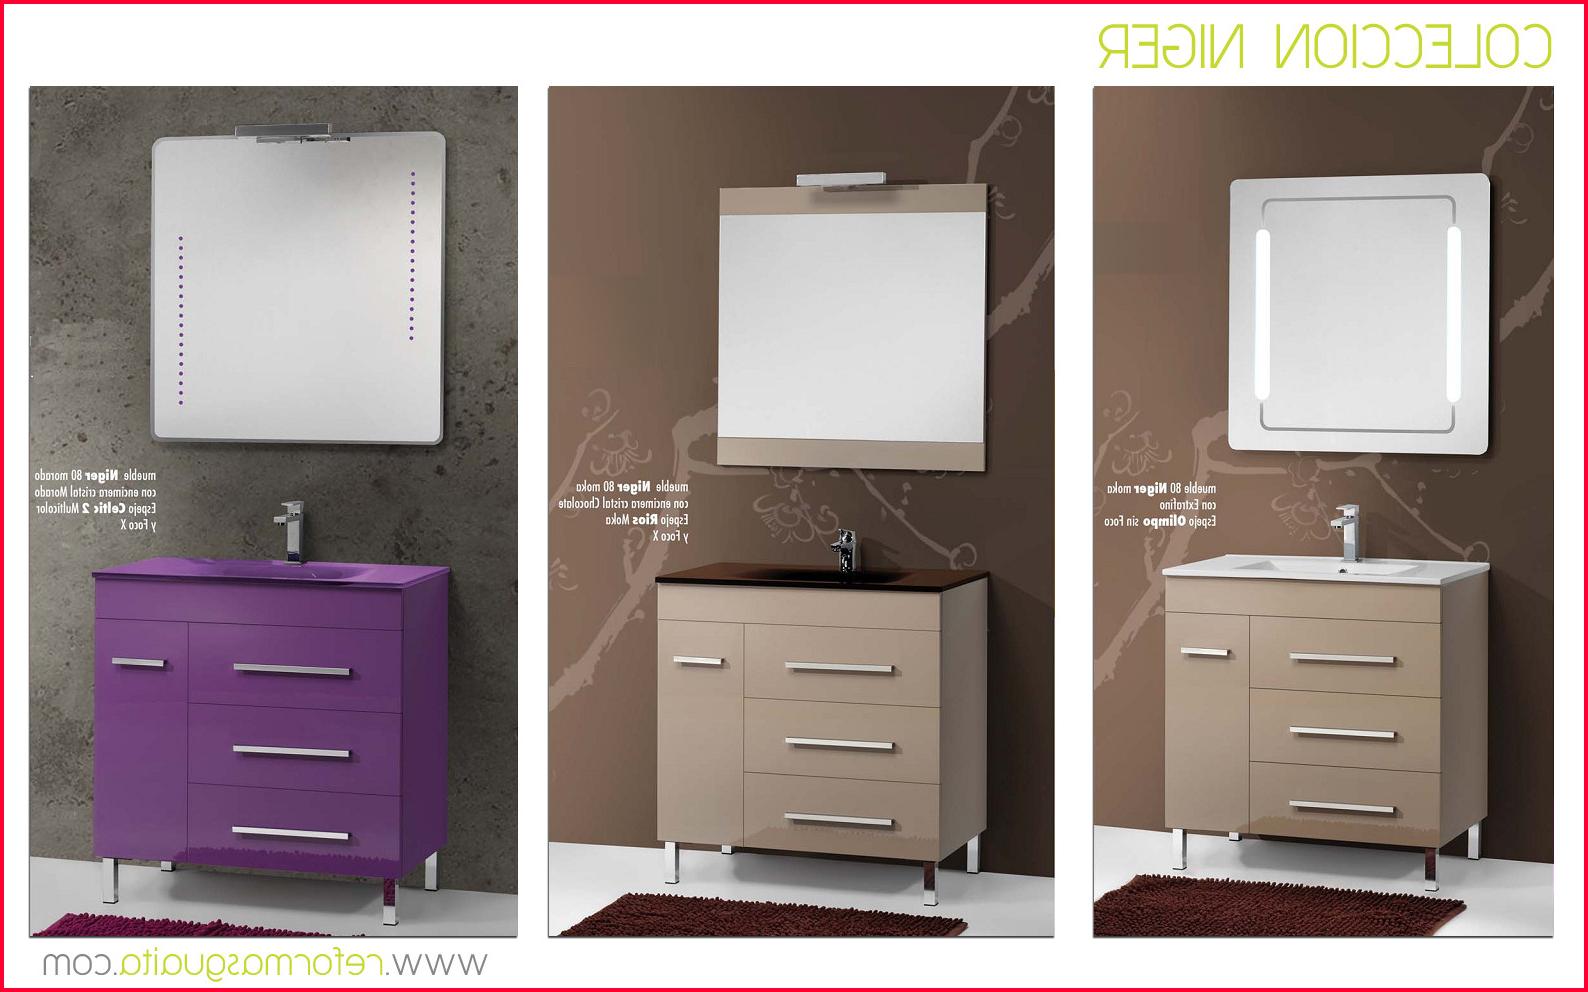 Muebles De Baño Con Patas Gdd0 Muebles De Baà O Con Patas Muebles Color Moka Obtenga Ideas